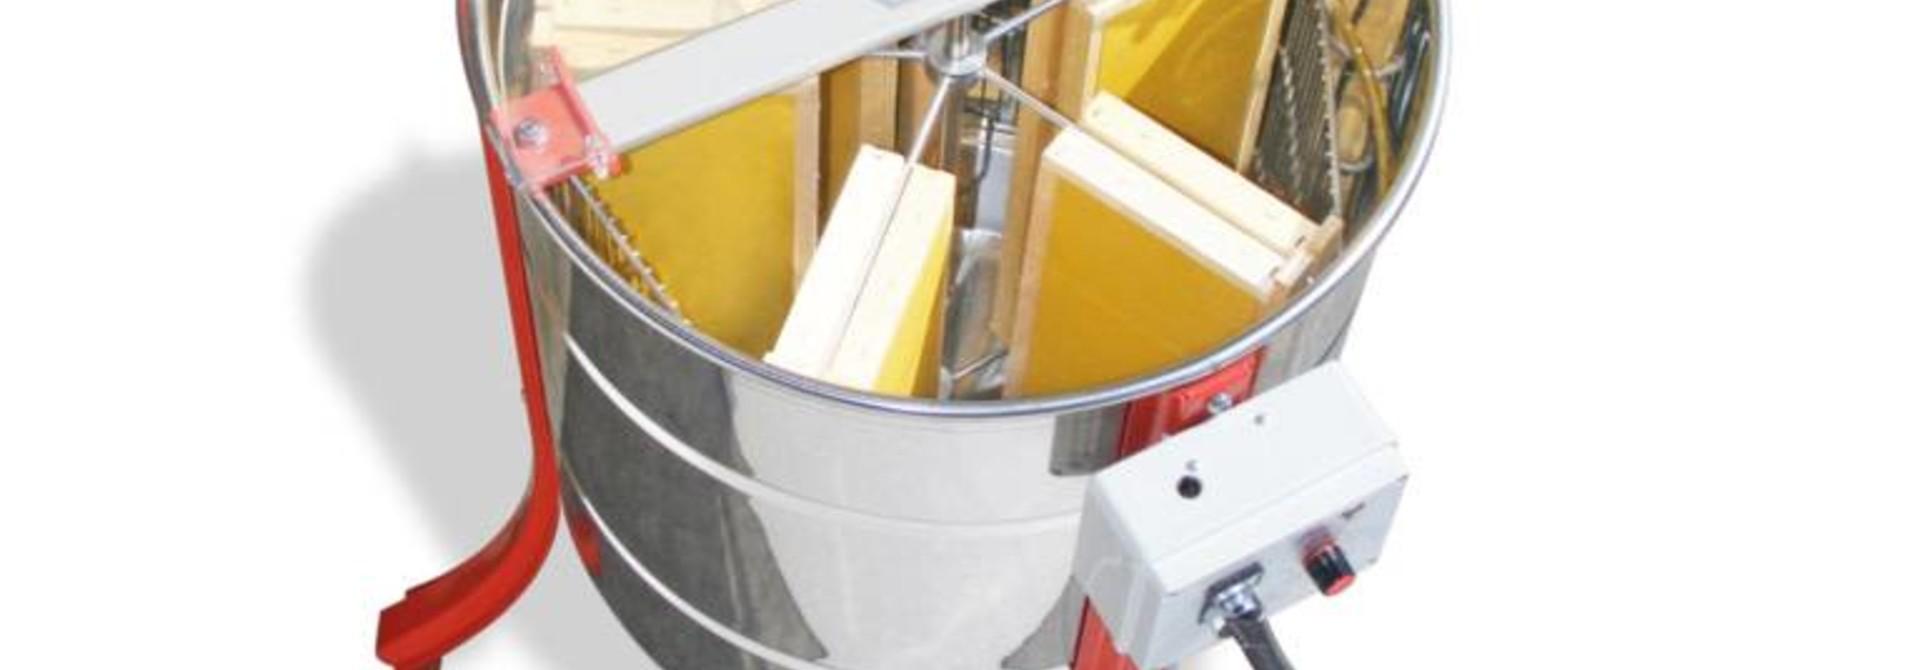 Honingslinger JOLLY - elektrisch